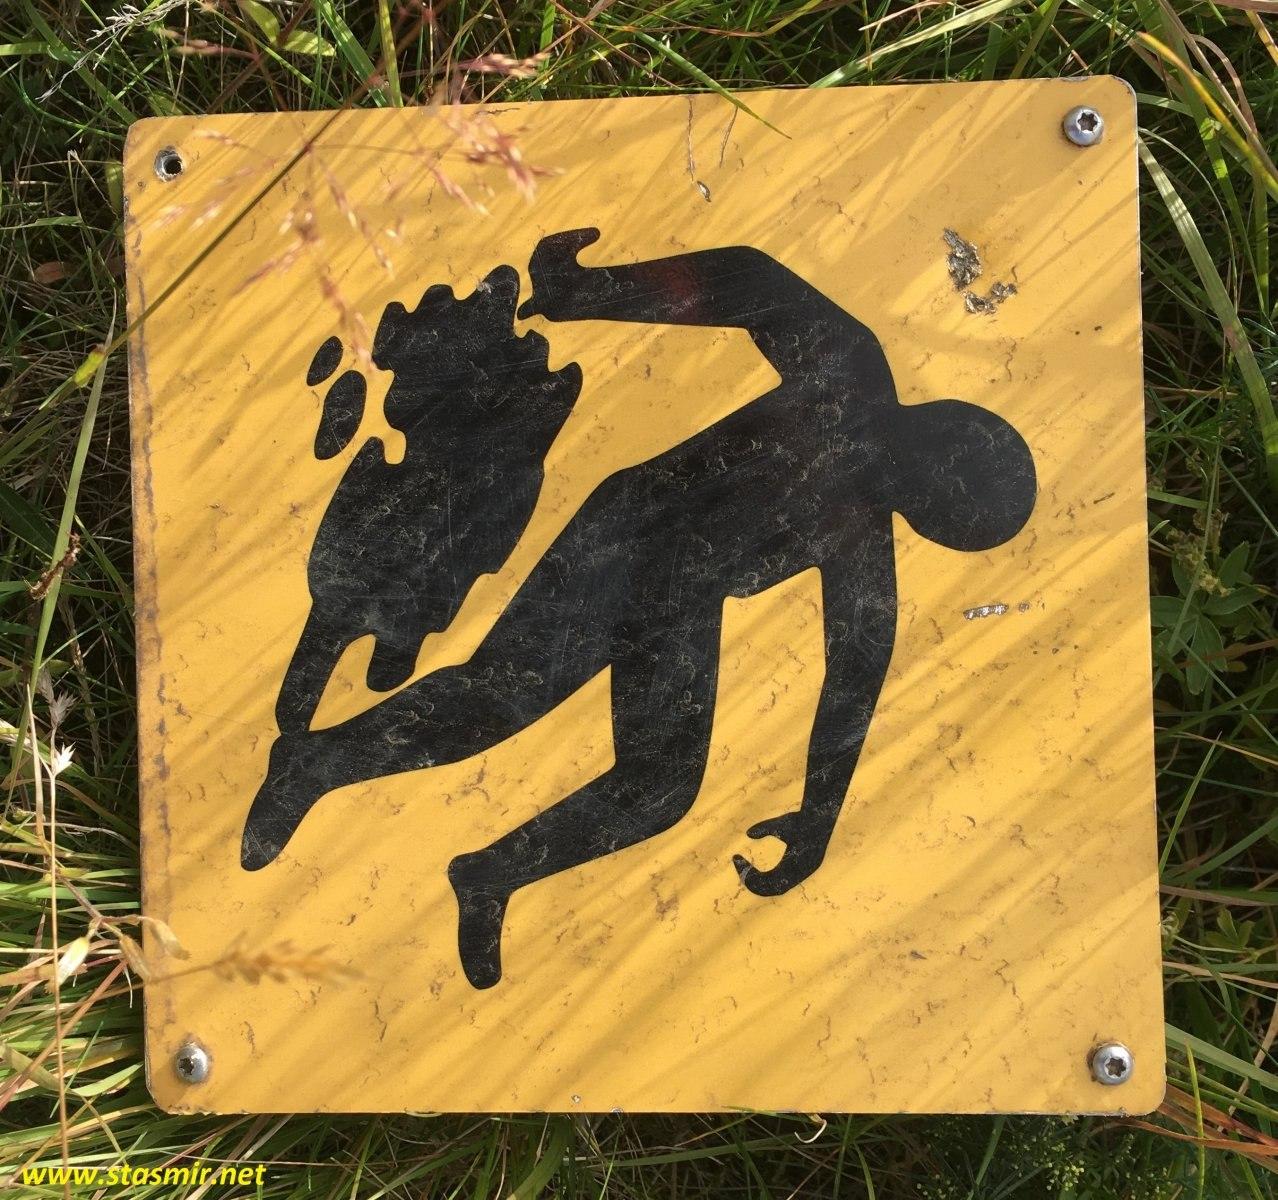 drunk: странный знак в Исландии. Фото Стасмир, photo Stasmir